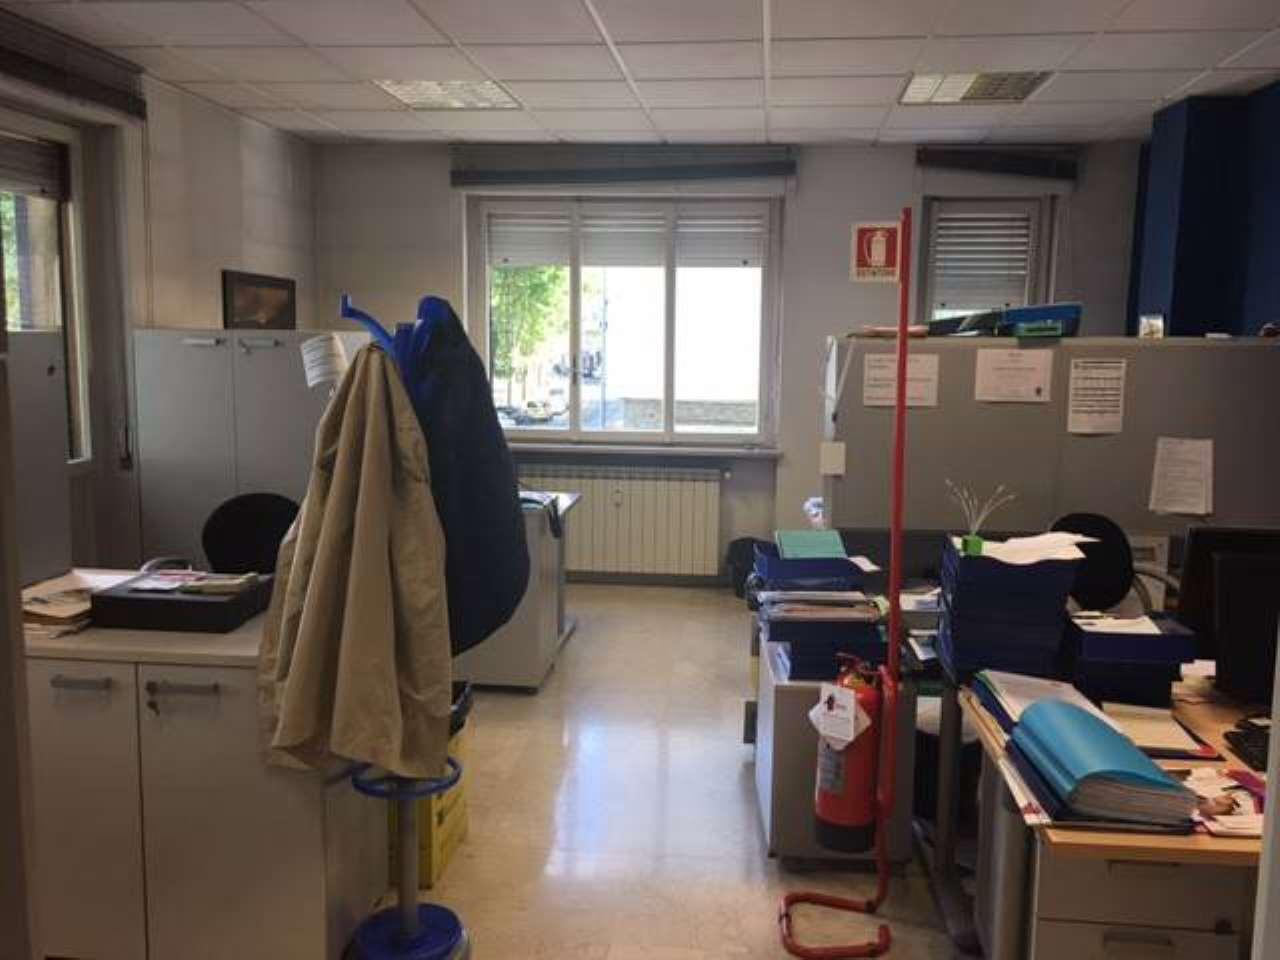 Negozio / Locale in vendita a Alessandria, 6 locali, prezzo € 360.000 | CambioCasa.it